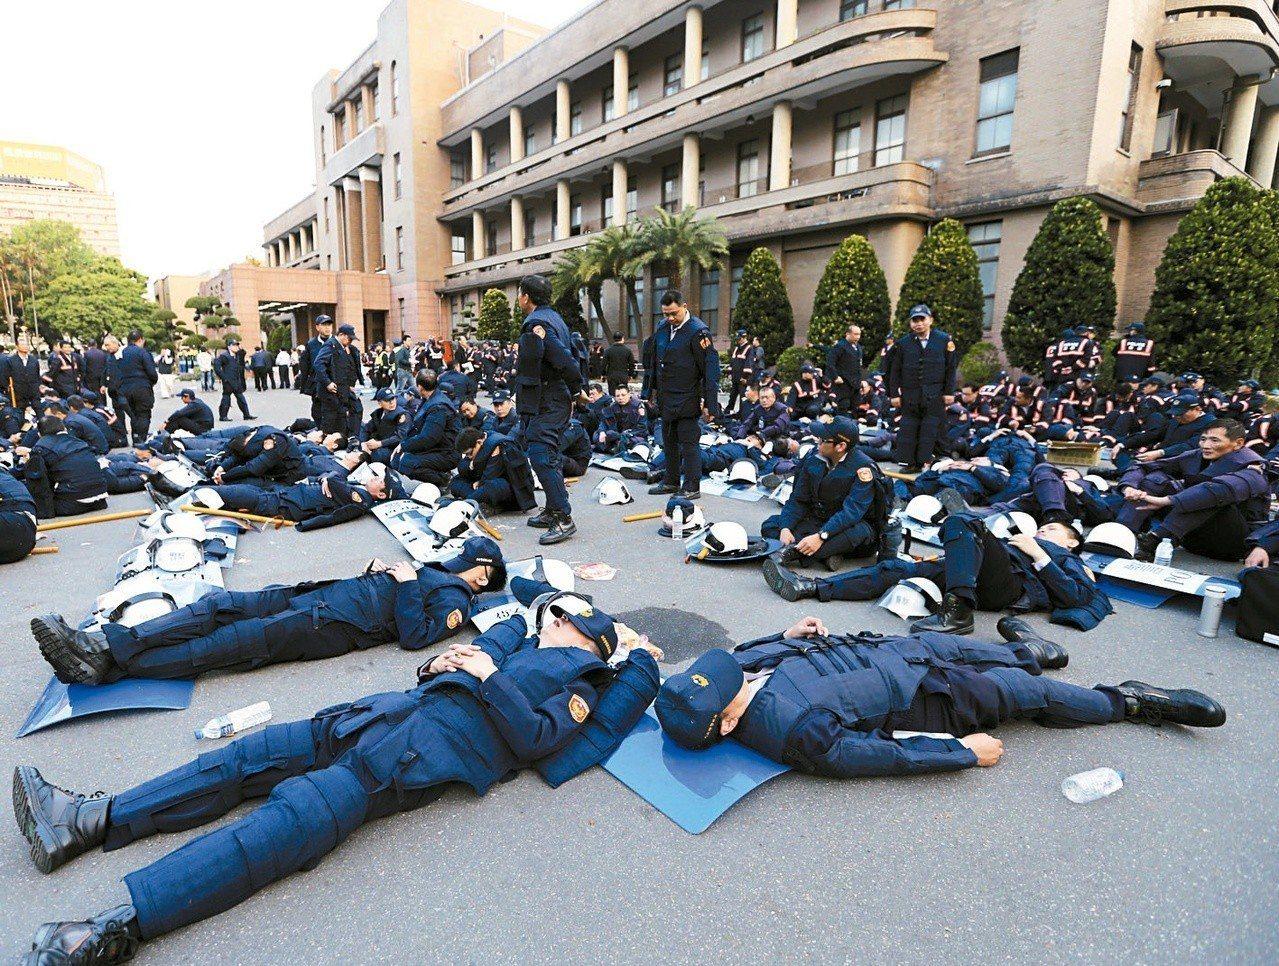 警方與佔領行政院的反服貿學生,一夜激戰,天亮了,警察也累翻了。 圖/聯合報系資料...